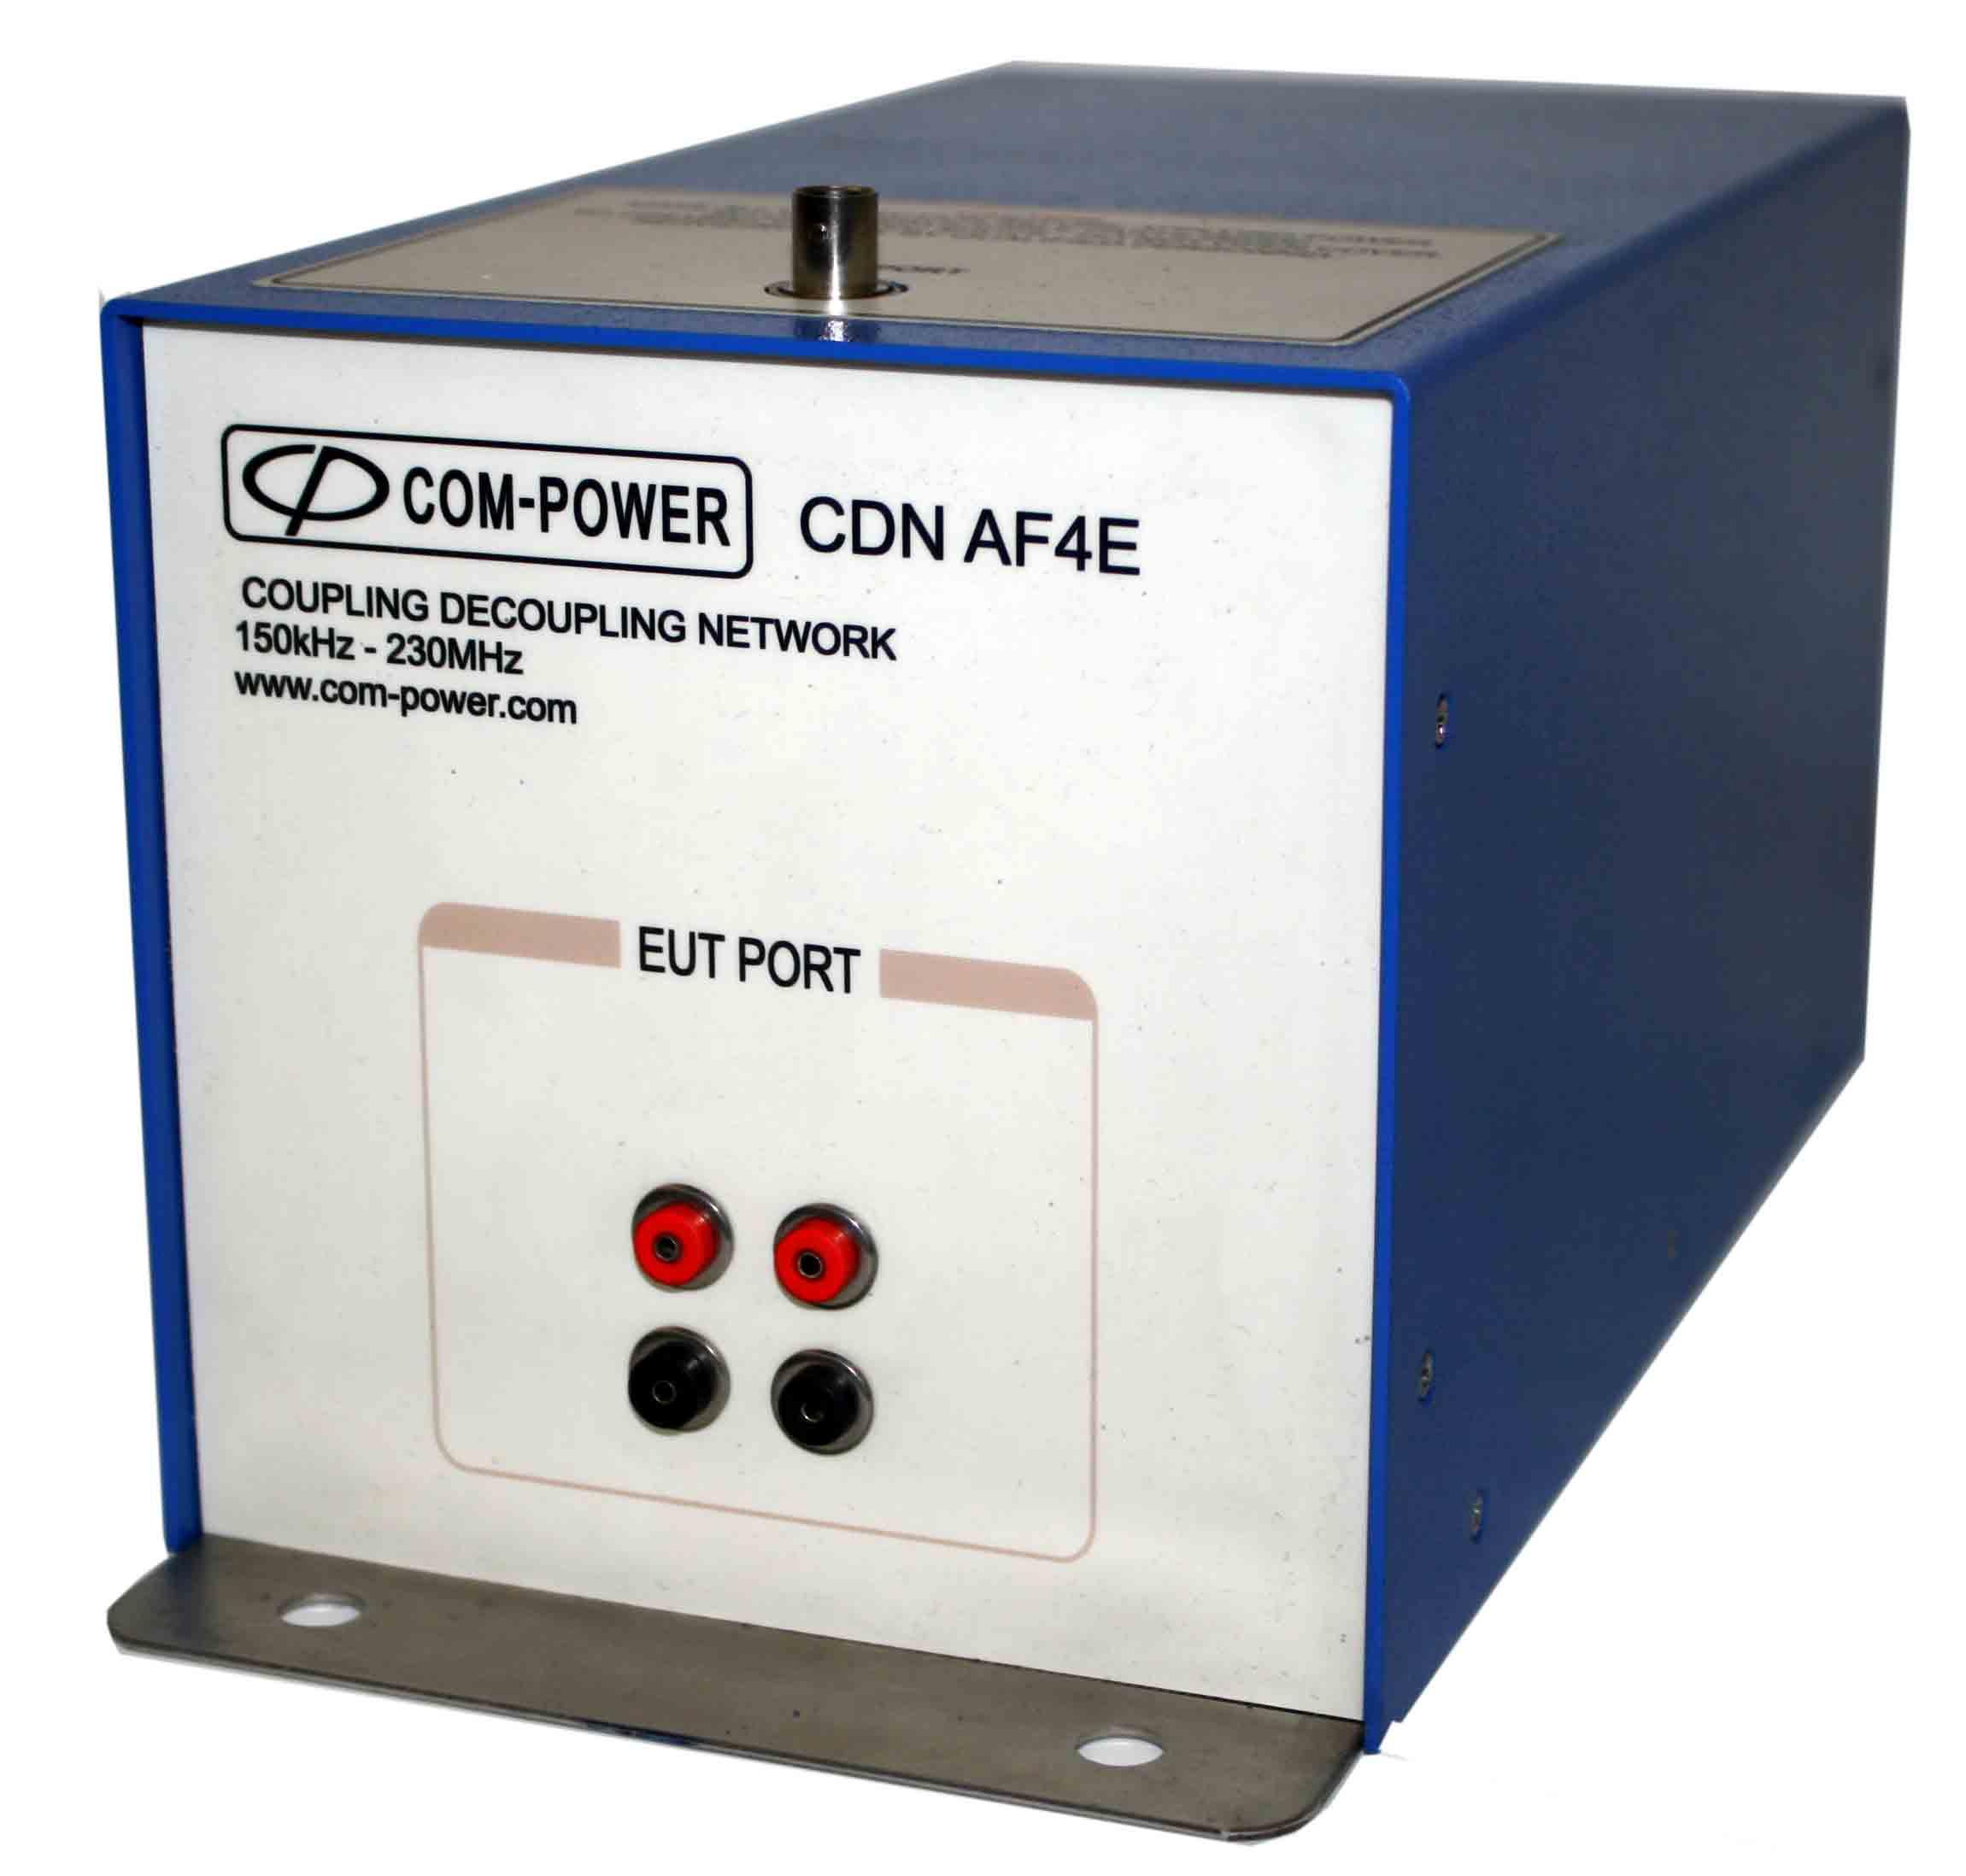 CDN-AF4E